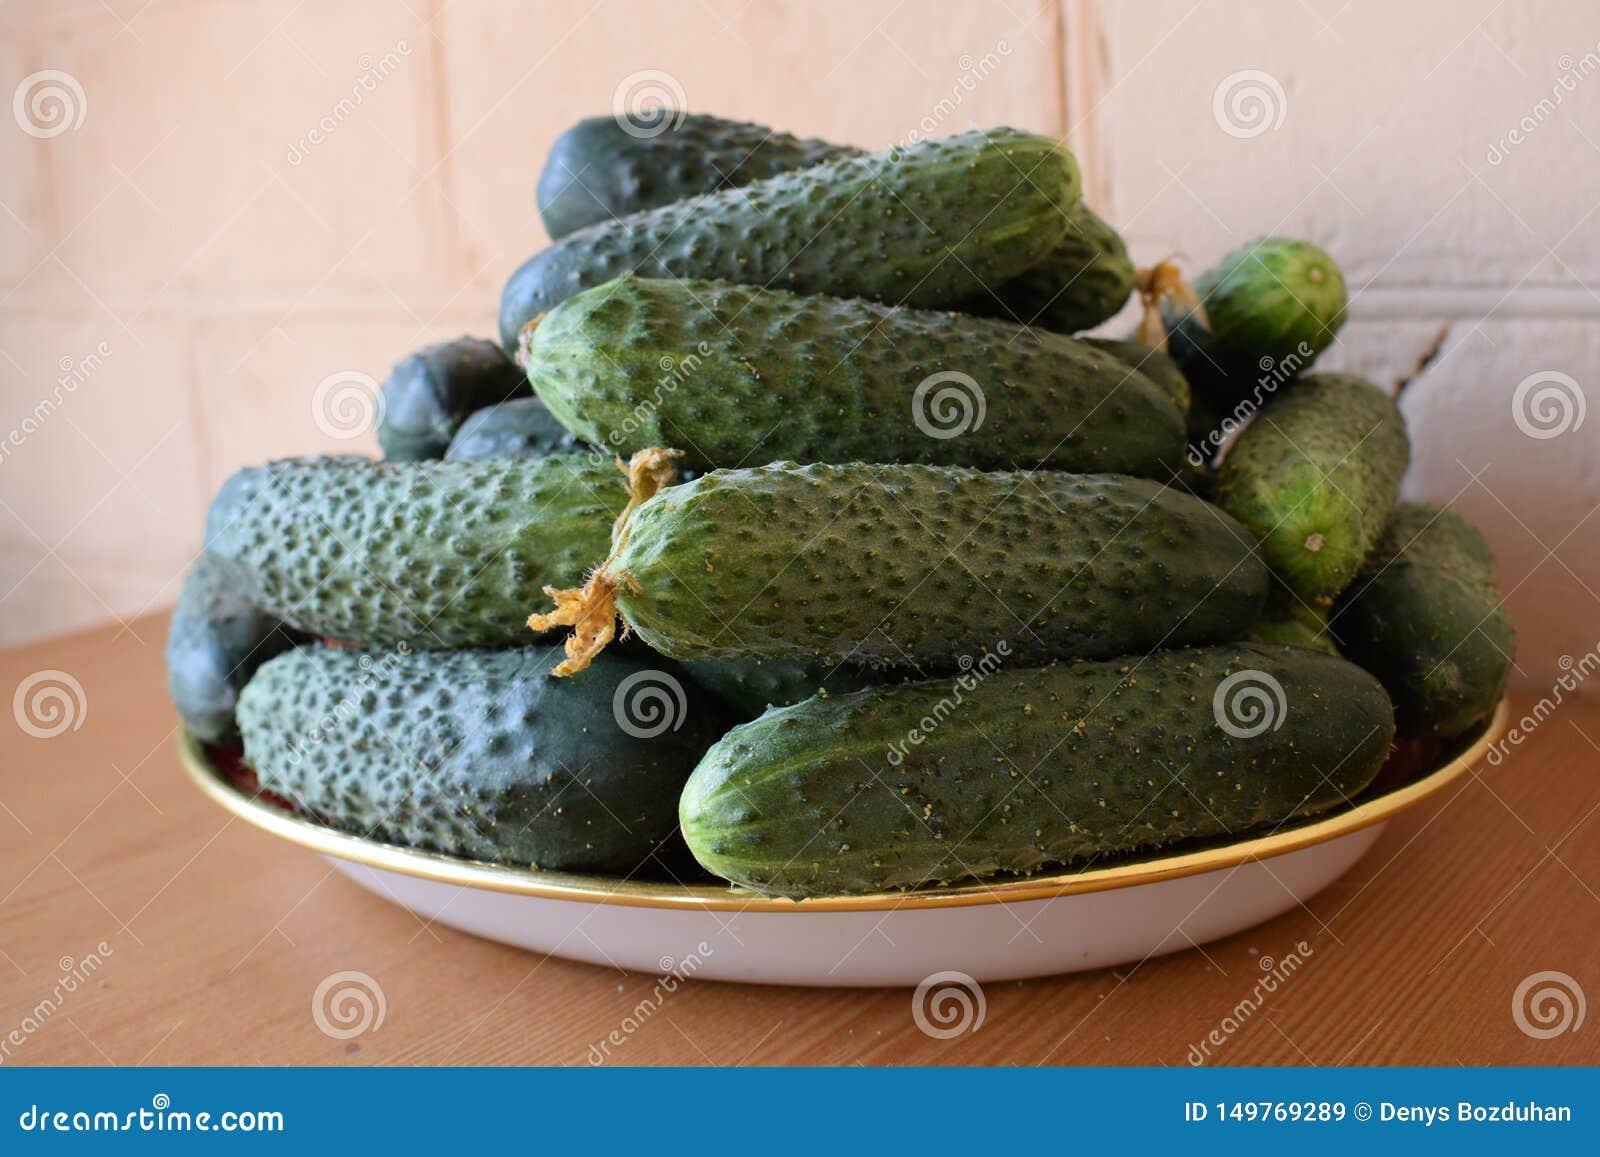 Свежие зеленые огурцы на плите r Огурец содержит витамины b, a